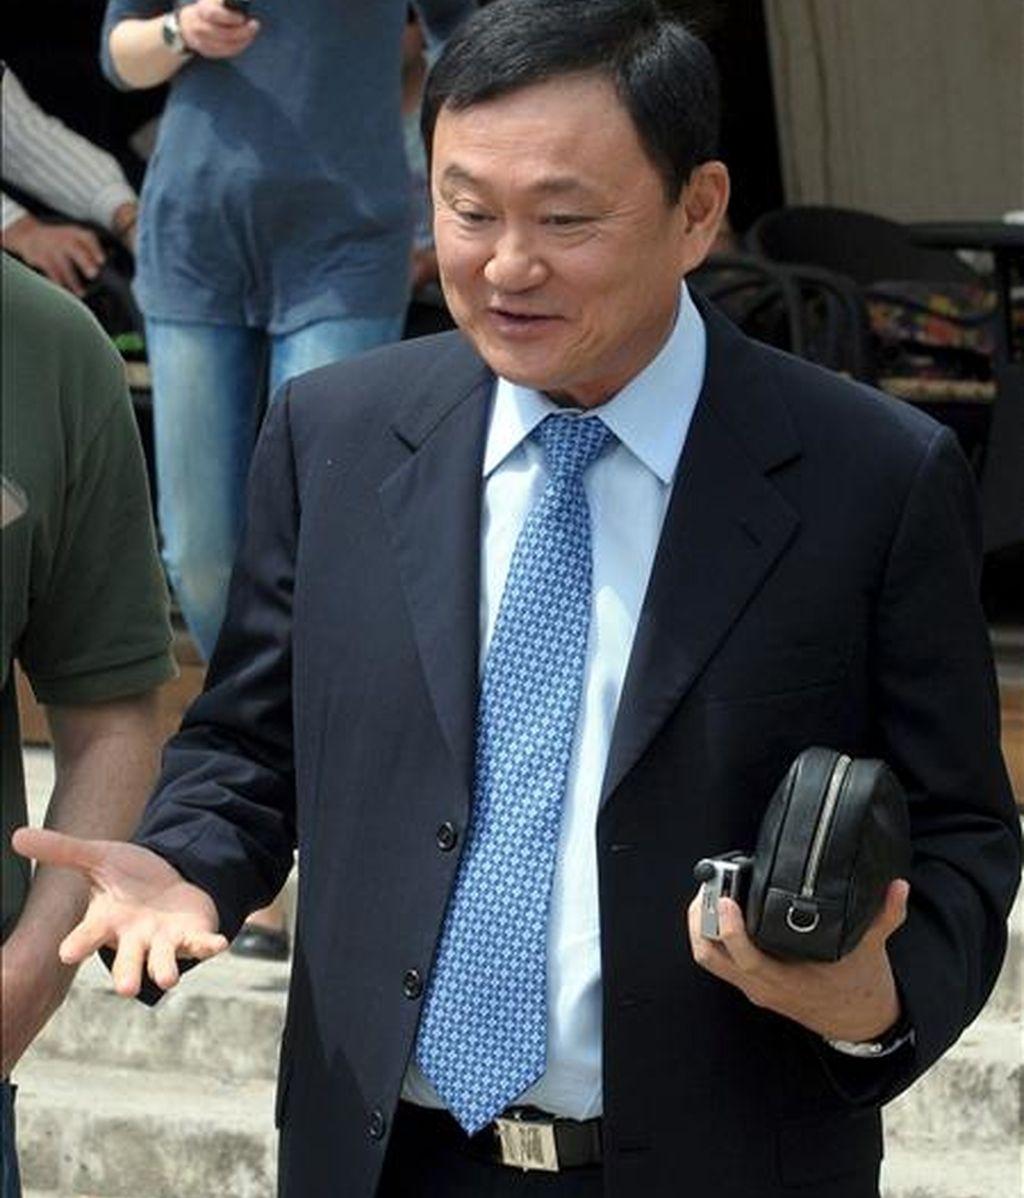 El ex primer ministro tailandés, Thaksin Shinawatra. EFE/Archivo